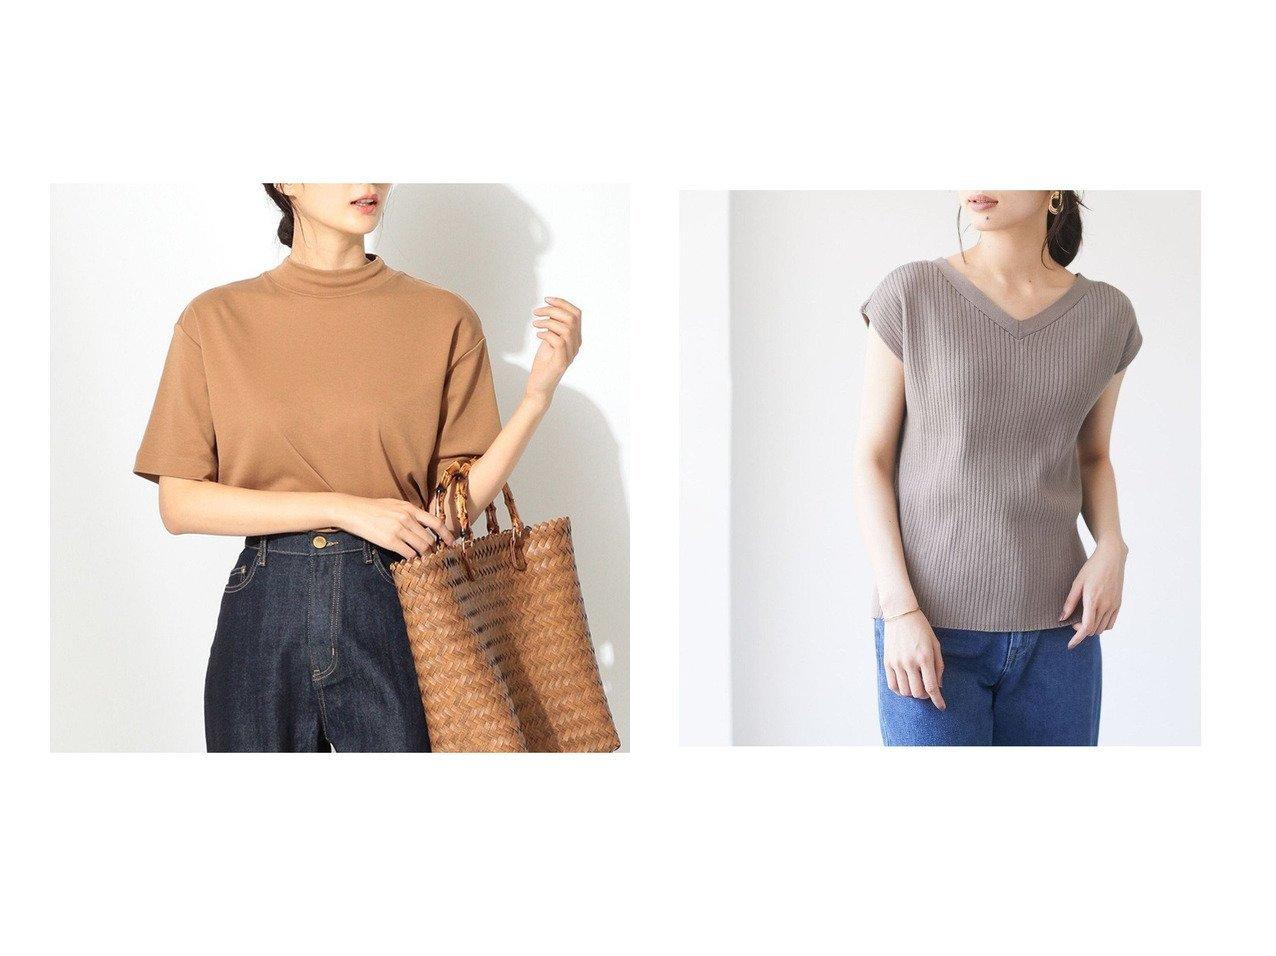 【Green Parks/グリーンパークス】の・SUGAR SPOON 2wayフレンチコットンニット&【any FAM/エニィファム】のプレミアムベーシックモックネック Tシャツ 【プチプライス・低価格】おすすめ!人気、トレンド・レディースファッションの通販 おすすめで人気の流行・トレンド、ファッションの通販商品 インテリア・家具・メンズファッション・キッズファッション・レディースファッション・服の通販 founy(ファニー) https://founy.com/ ファッション Fashion レディースファッション WOMEN トップス・カットソー Tops/Tshirt ニット Knit Tops シャツ/ブラウス Shirts/Blouses ロング / Tシャツ T-Shirts カットソー Cut and Sewn 送料無料 Free Shipping おすすめ Recommend シンプル セーター 秋 Autumn/Fall カットソー シルク デニム 定番 Standard プリント 羽織 モックネック ロング 2021年 2021 S/S・春夏 SS・Spring/Summer 2021春夏・S/S SS/Spring/Summer/2021 夏 Summer  ID:crp329100000060367